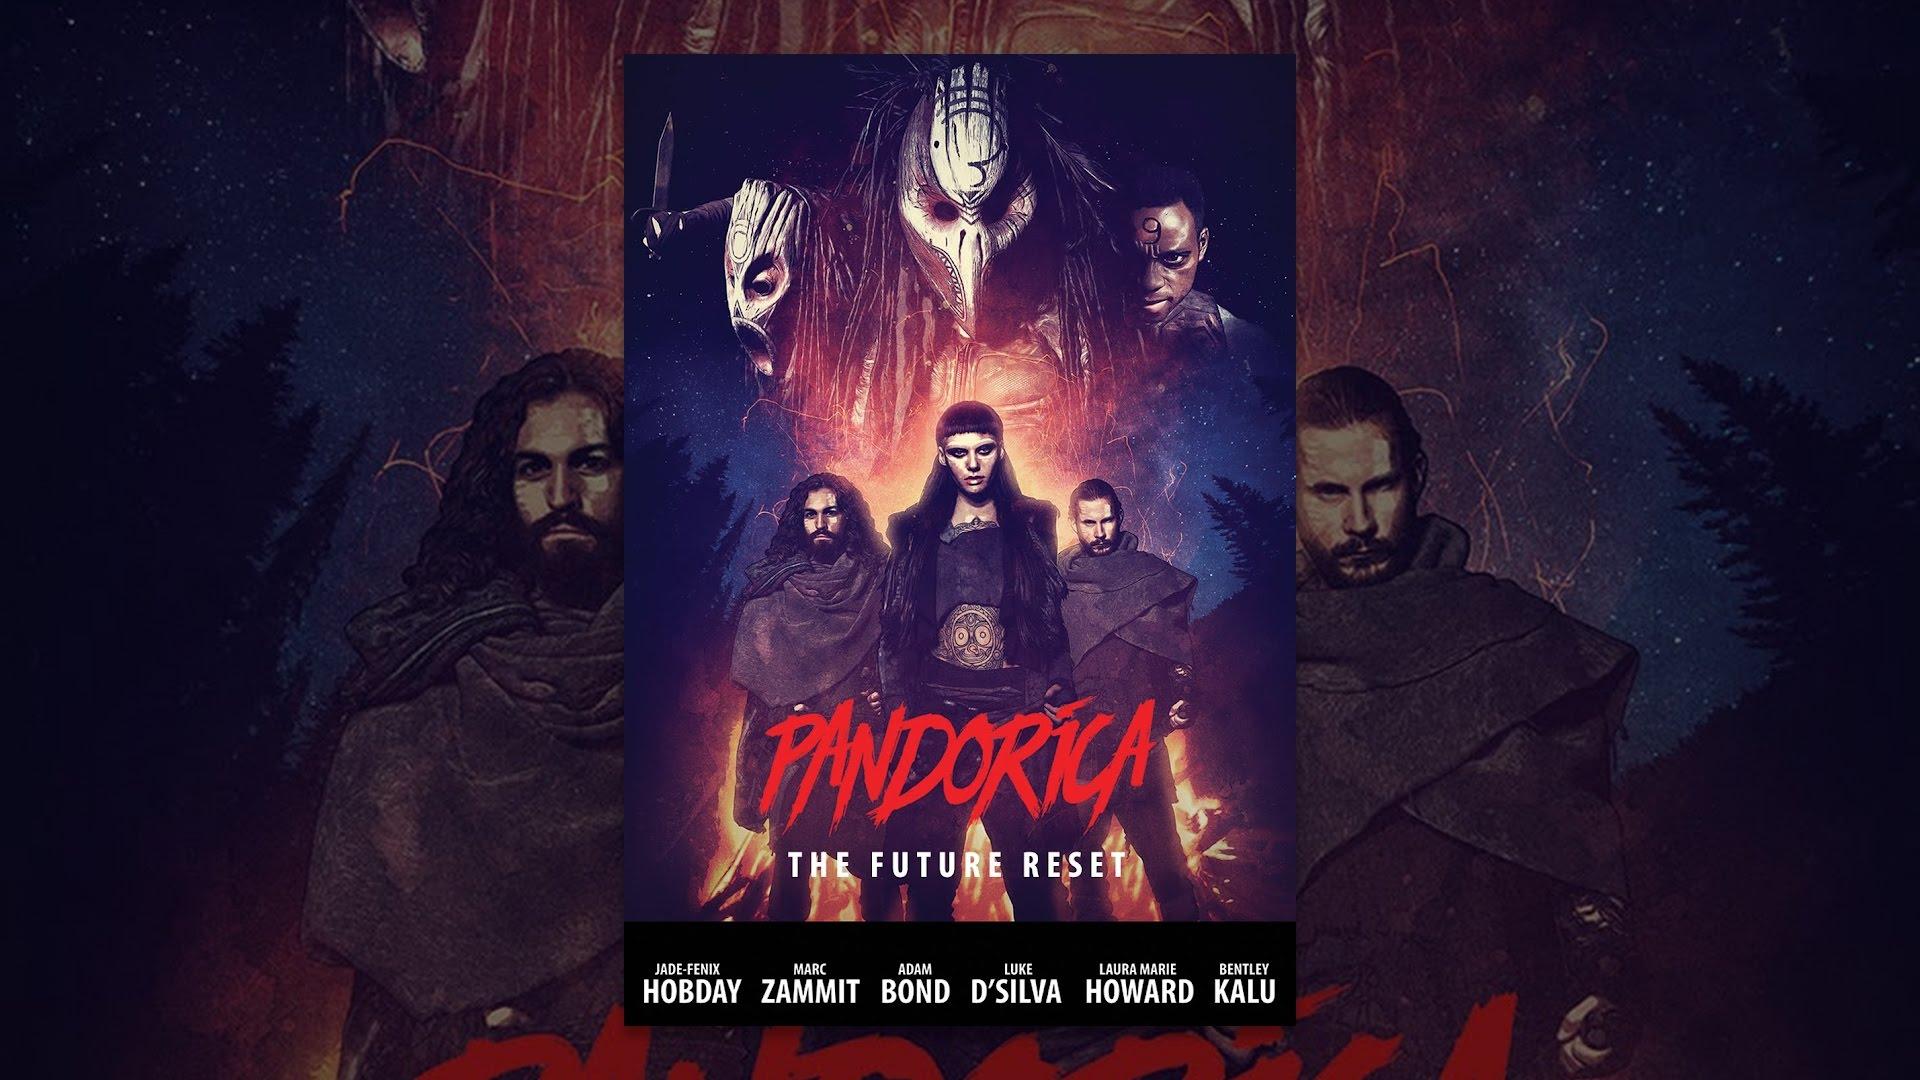 Ver Pandorica en Español